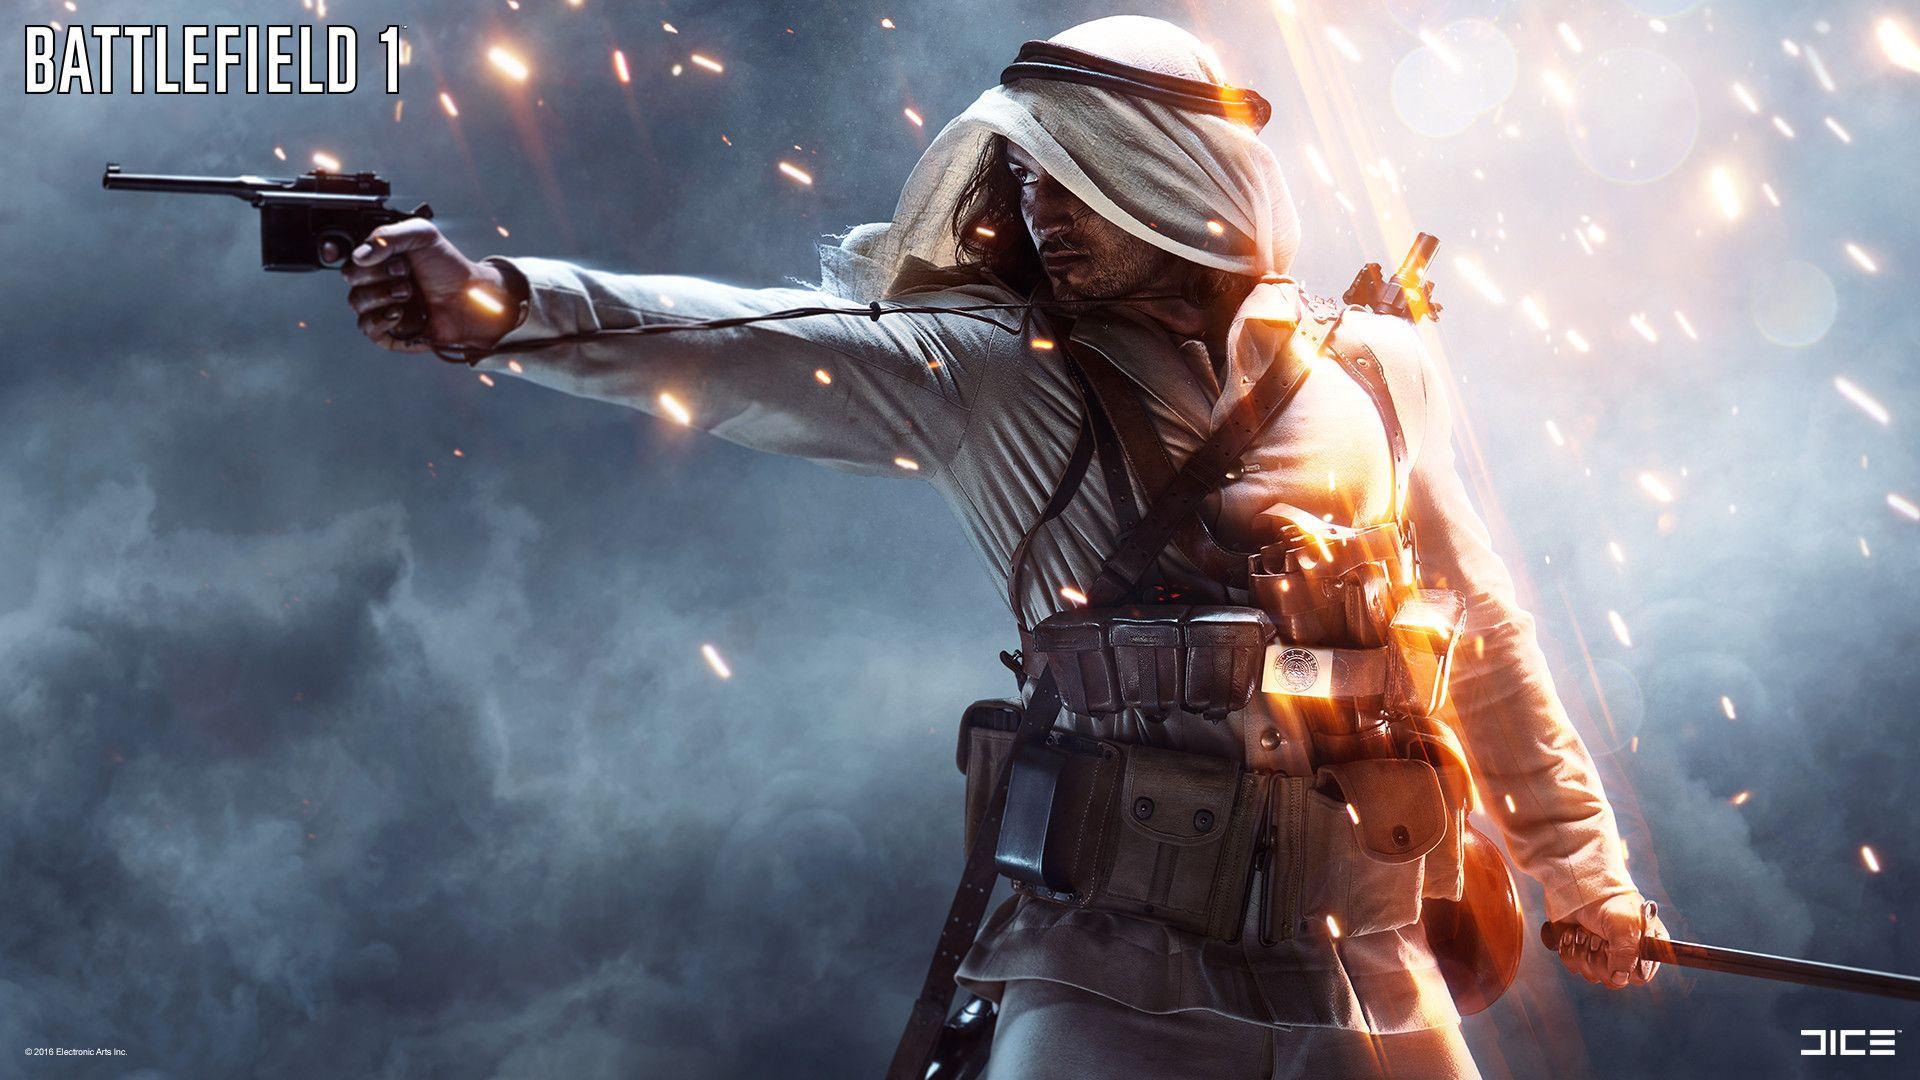 The Art Of Battlefield 1 | Art of     | Battlefield 1